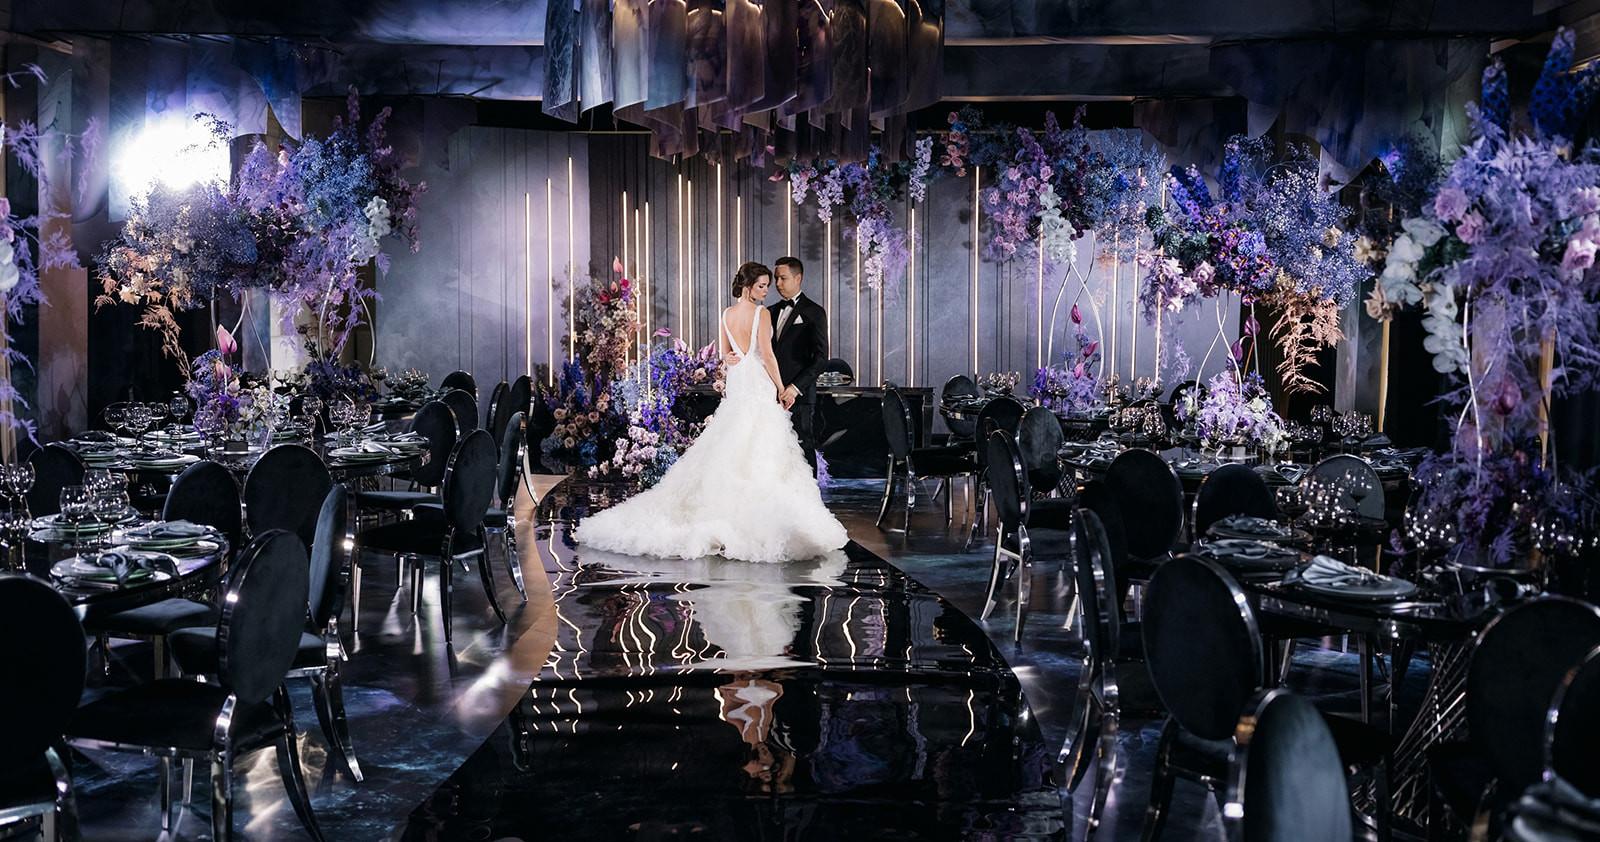 «Стихия любви» — эффектная свадьба в темных